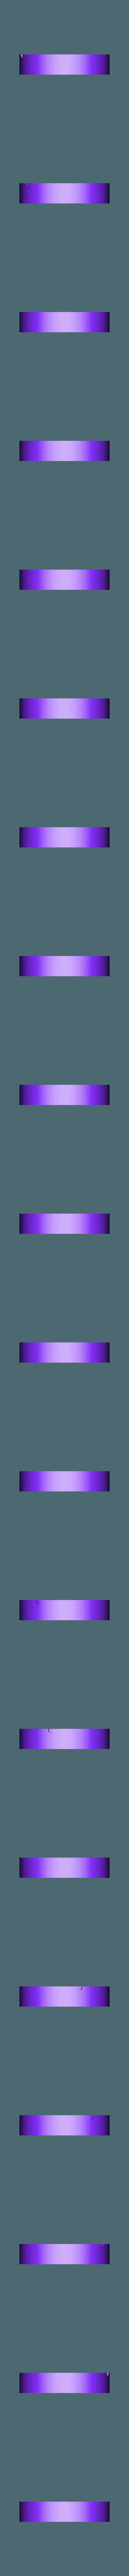 Mini_Flyte_topp.stl Télécharger fichier STL gratuit Mini jardinière flottante • Modèle pour imprimante 3D, Ananords